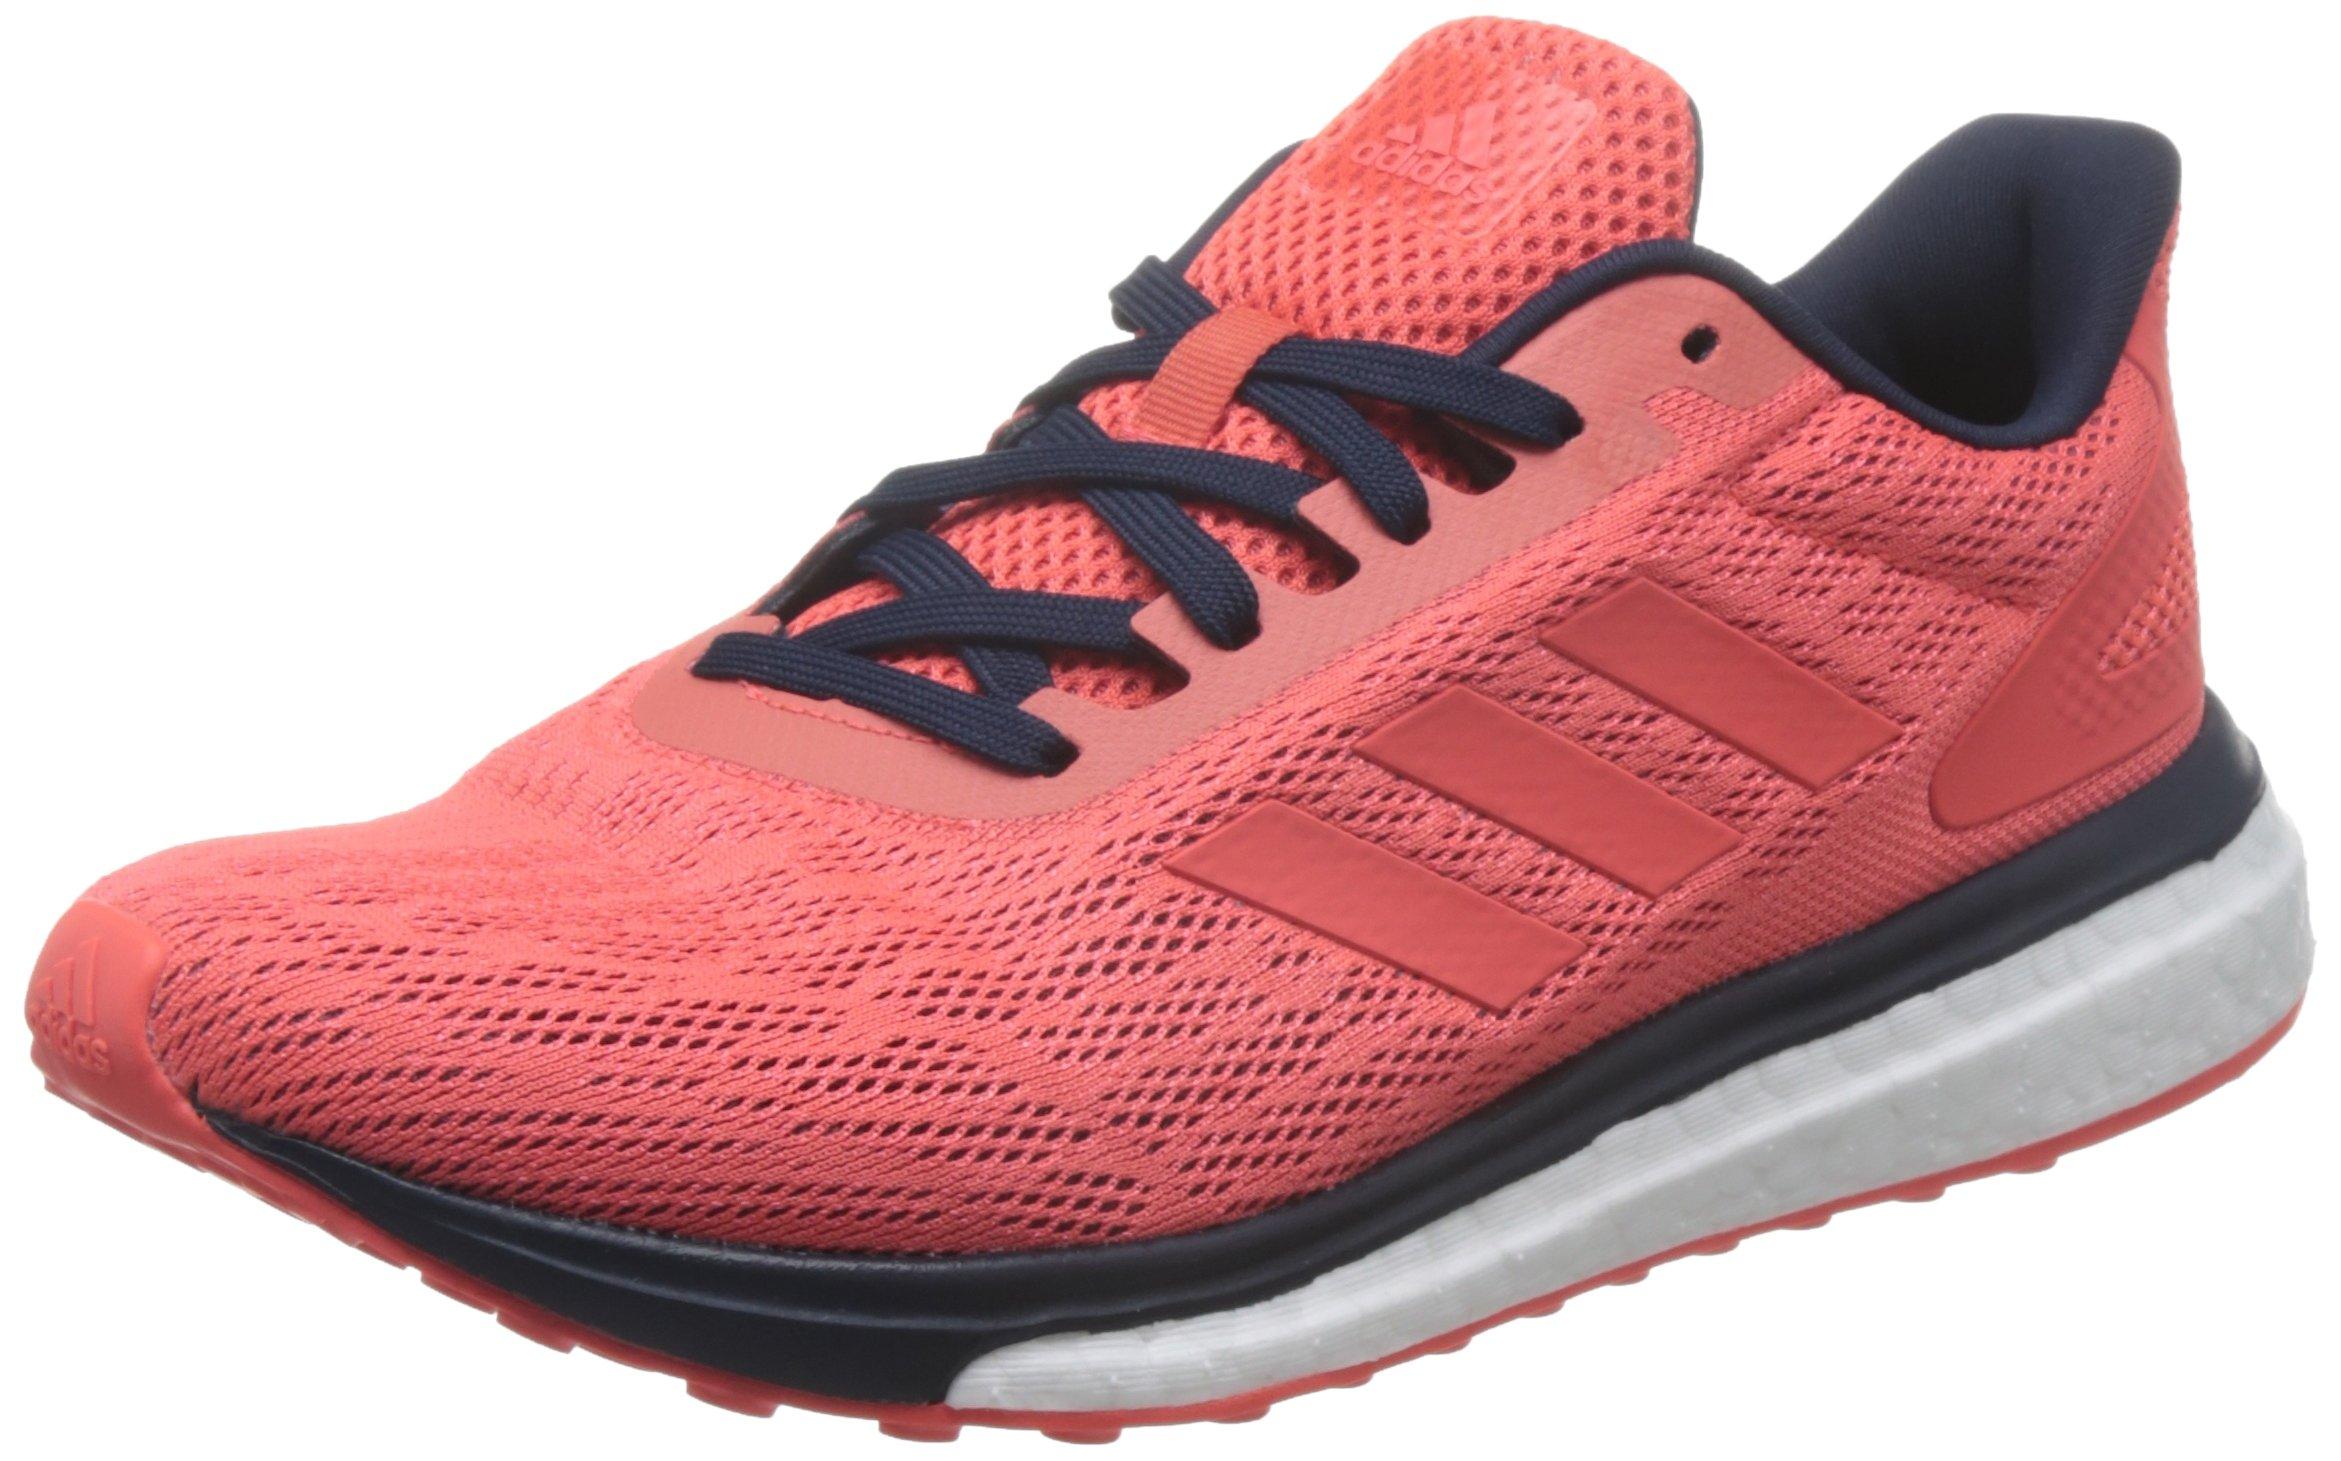 WChaussures Adidas Eu Lt FemmeRougerojo Running Corsen 2 De Response Compétition tinley00036 3 hrdCtsQx